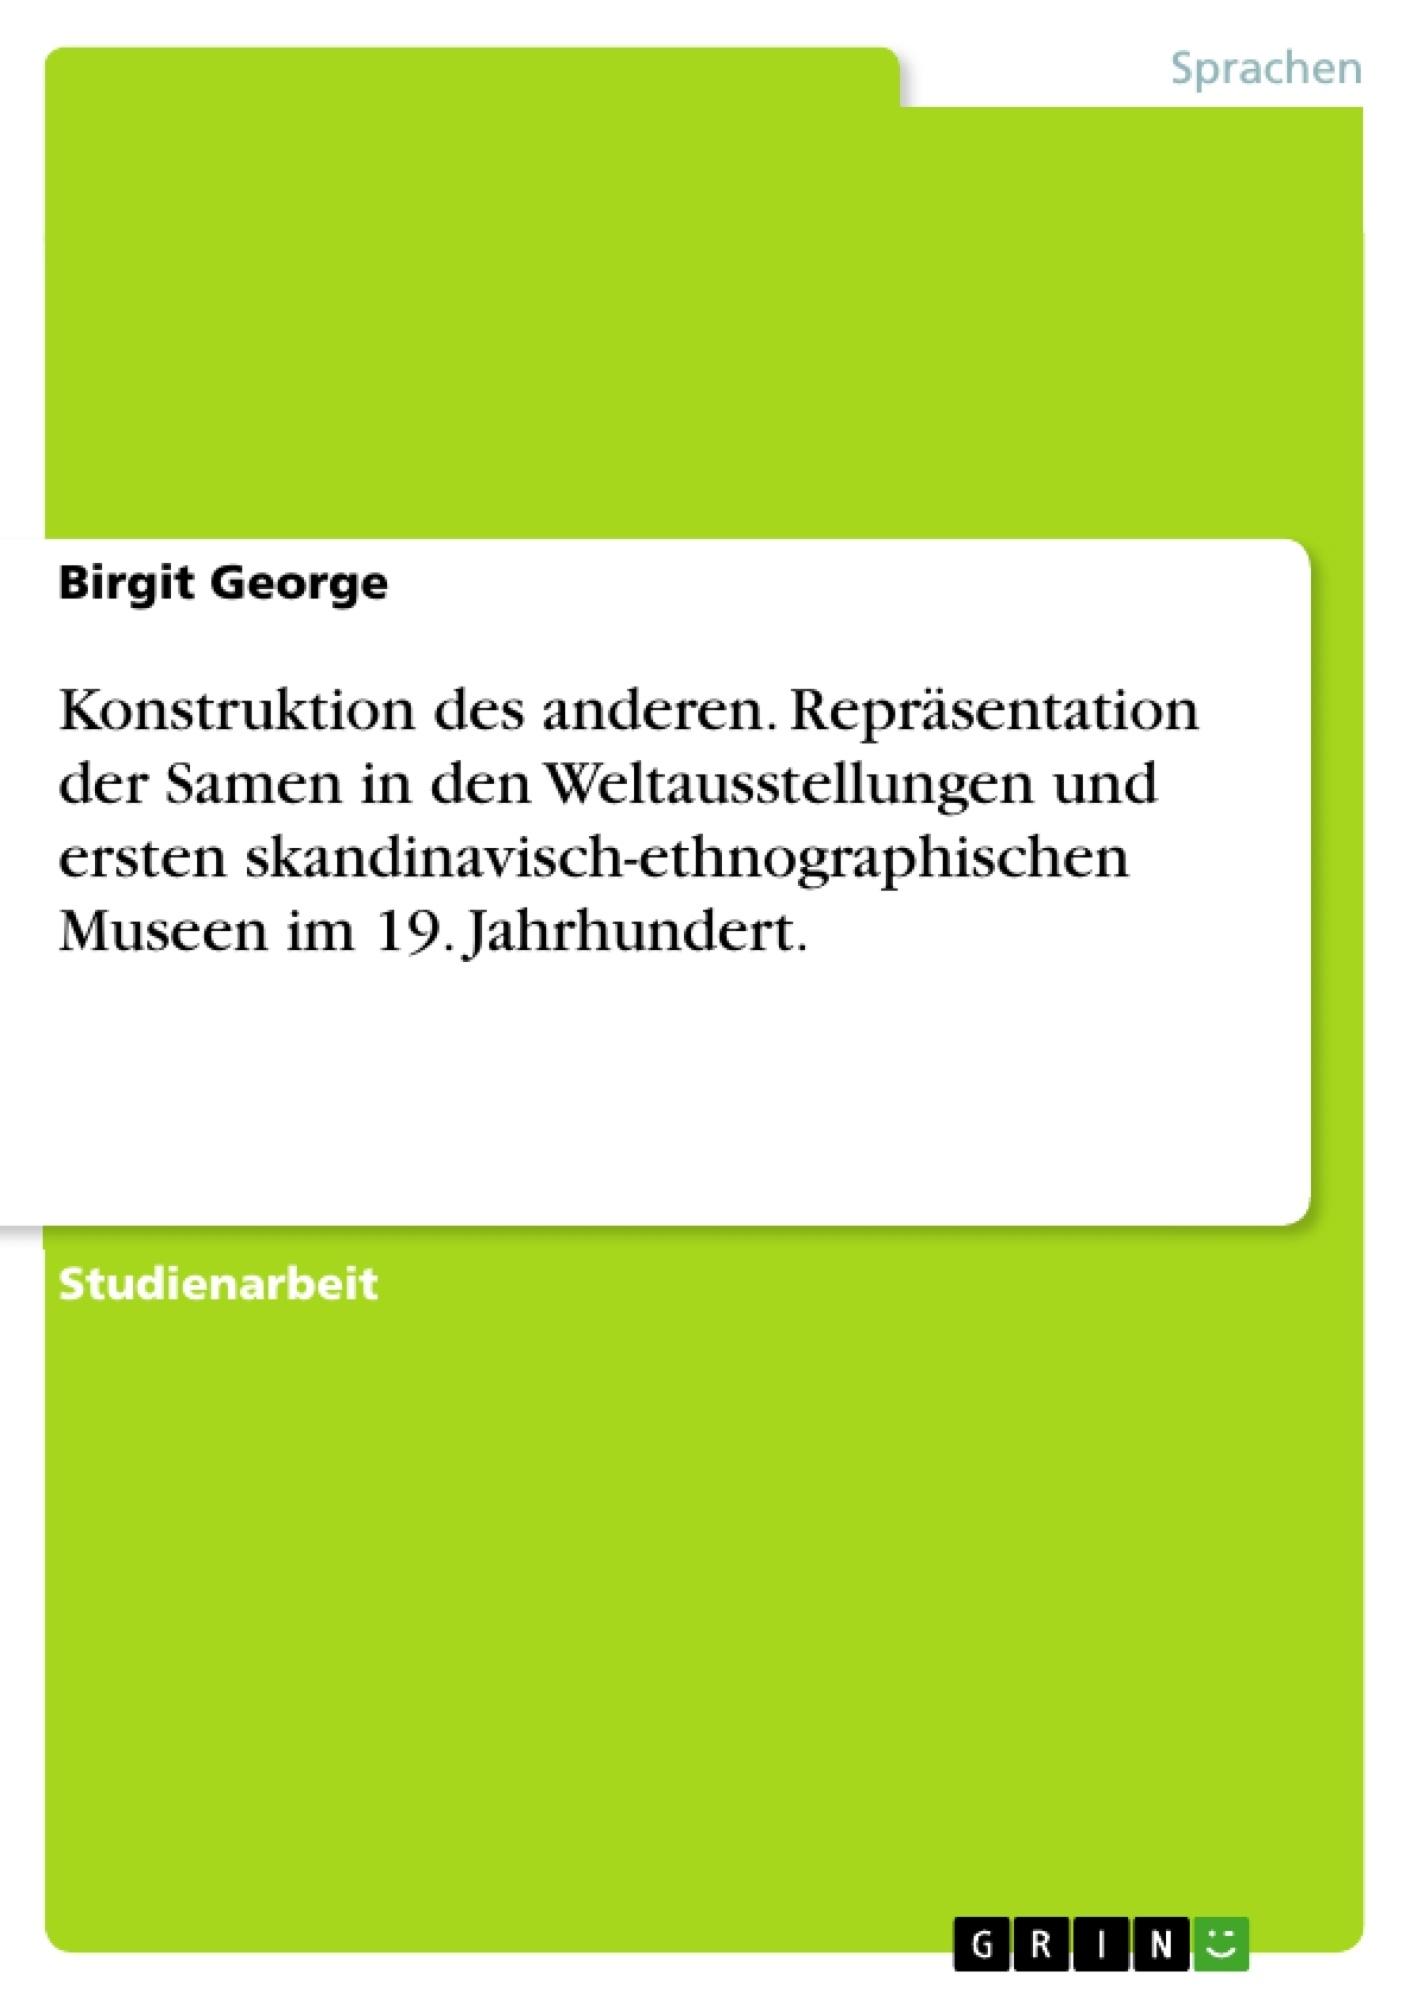 Titel: Konstruktion des anderen. Repräsentation der Samen in den Weltausstellungen und ersten skandinavisch-ethnographischen Museen im 19. Jahrhundert.